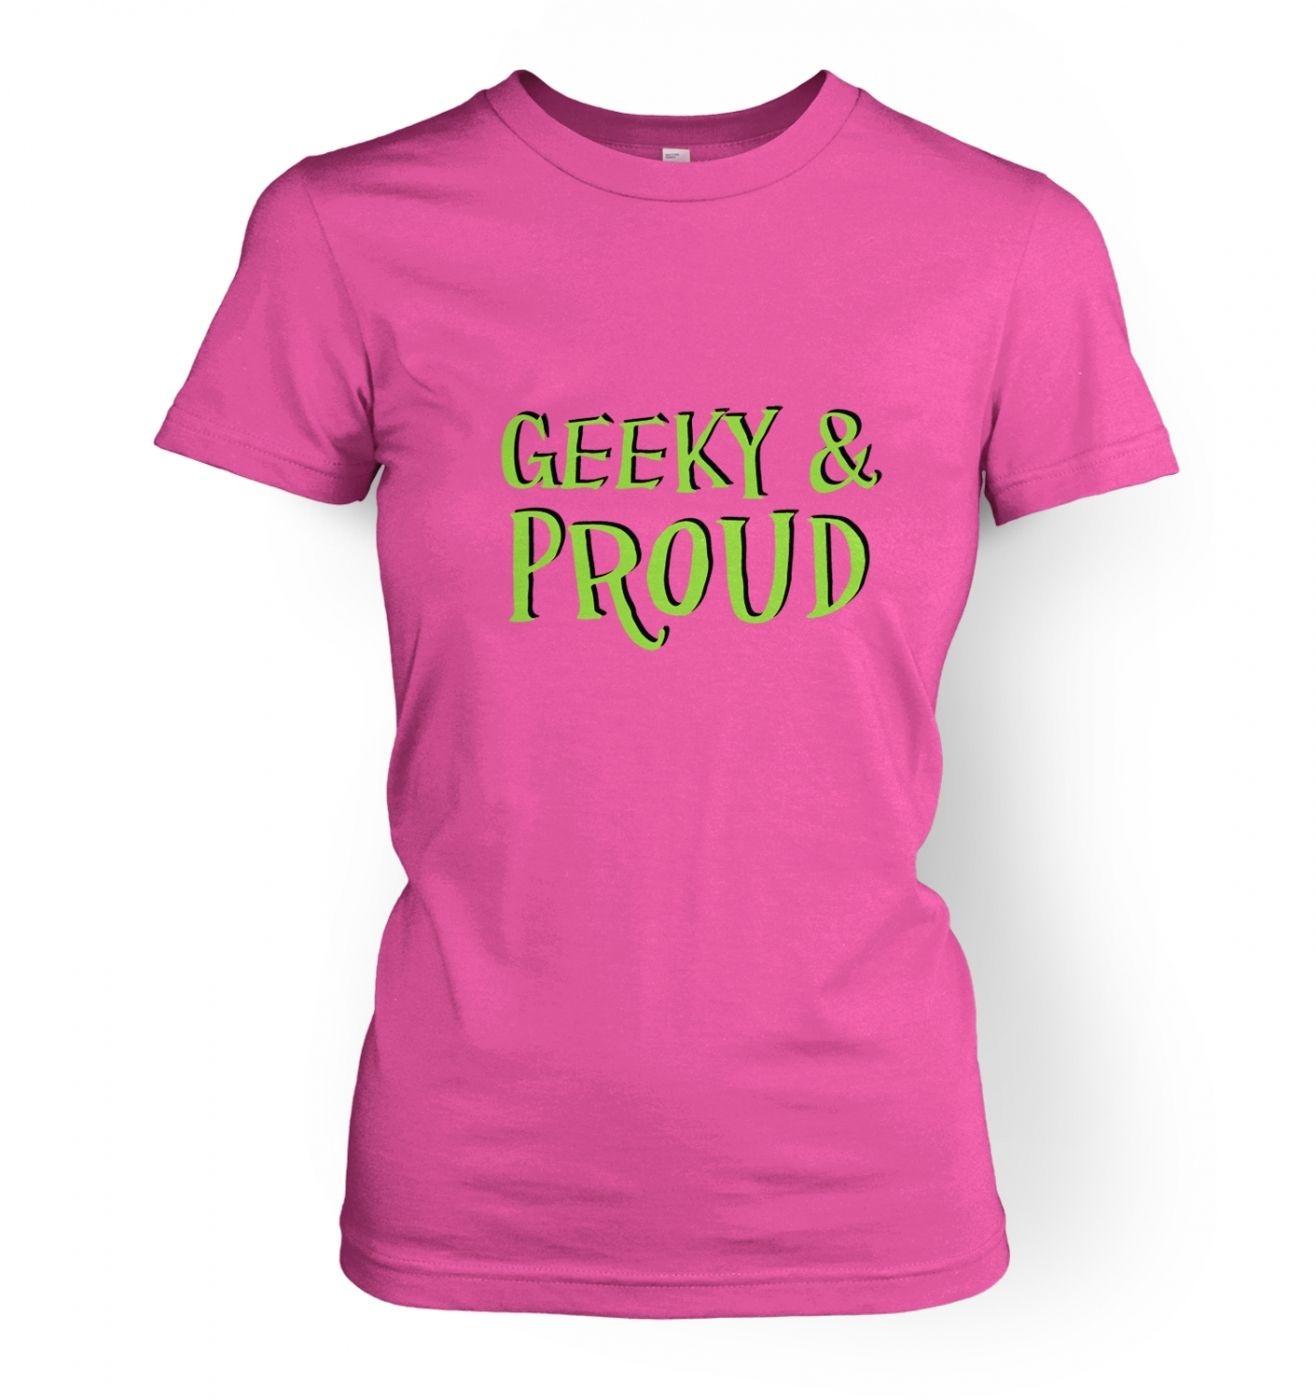 Women's Geeky & Proud T-Shirt